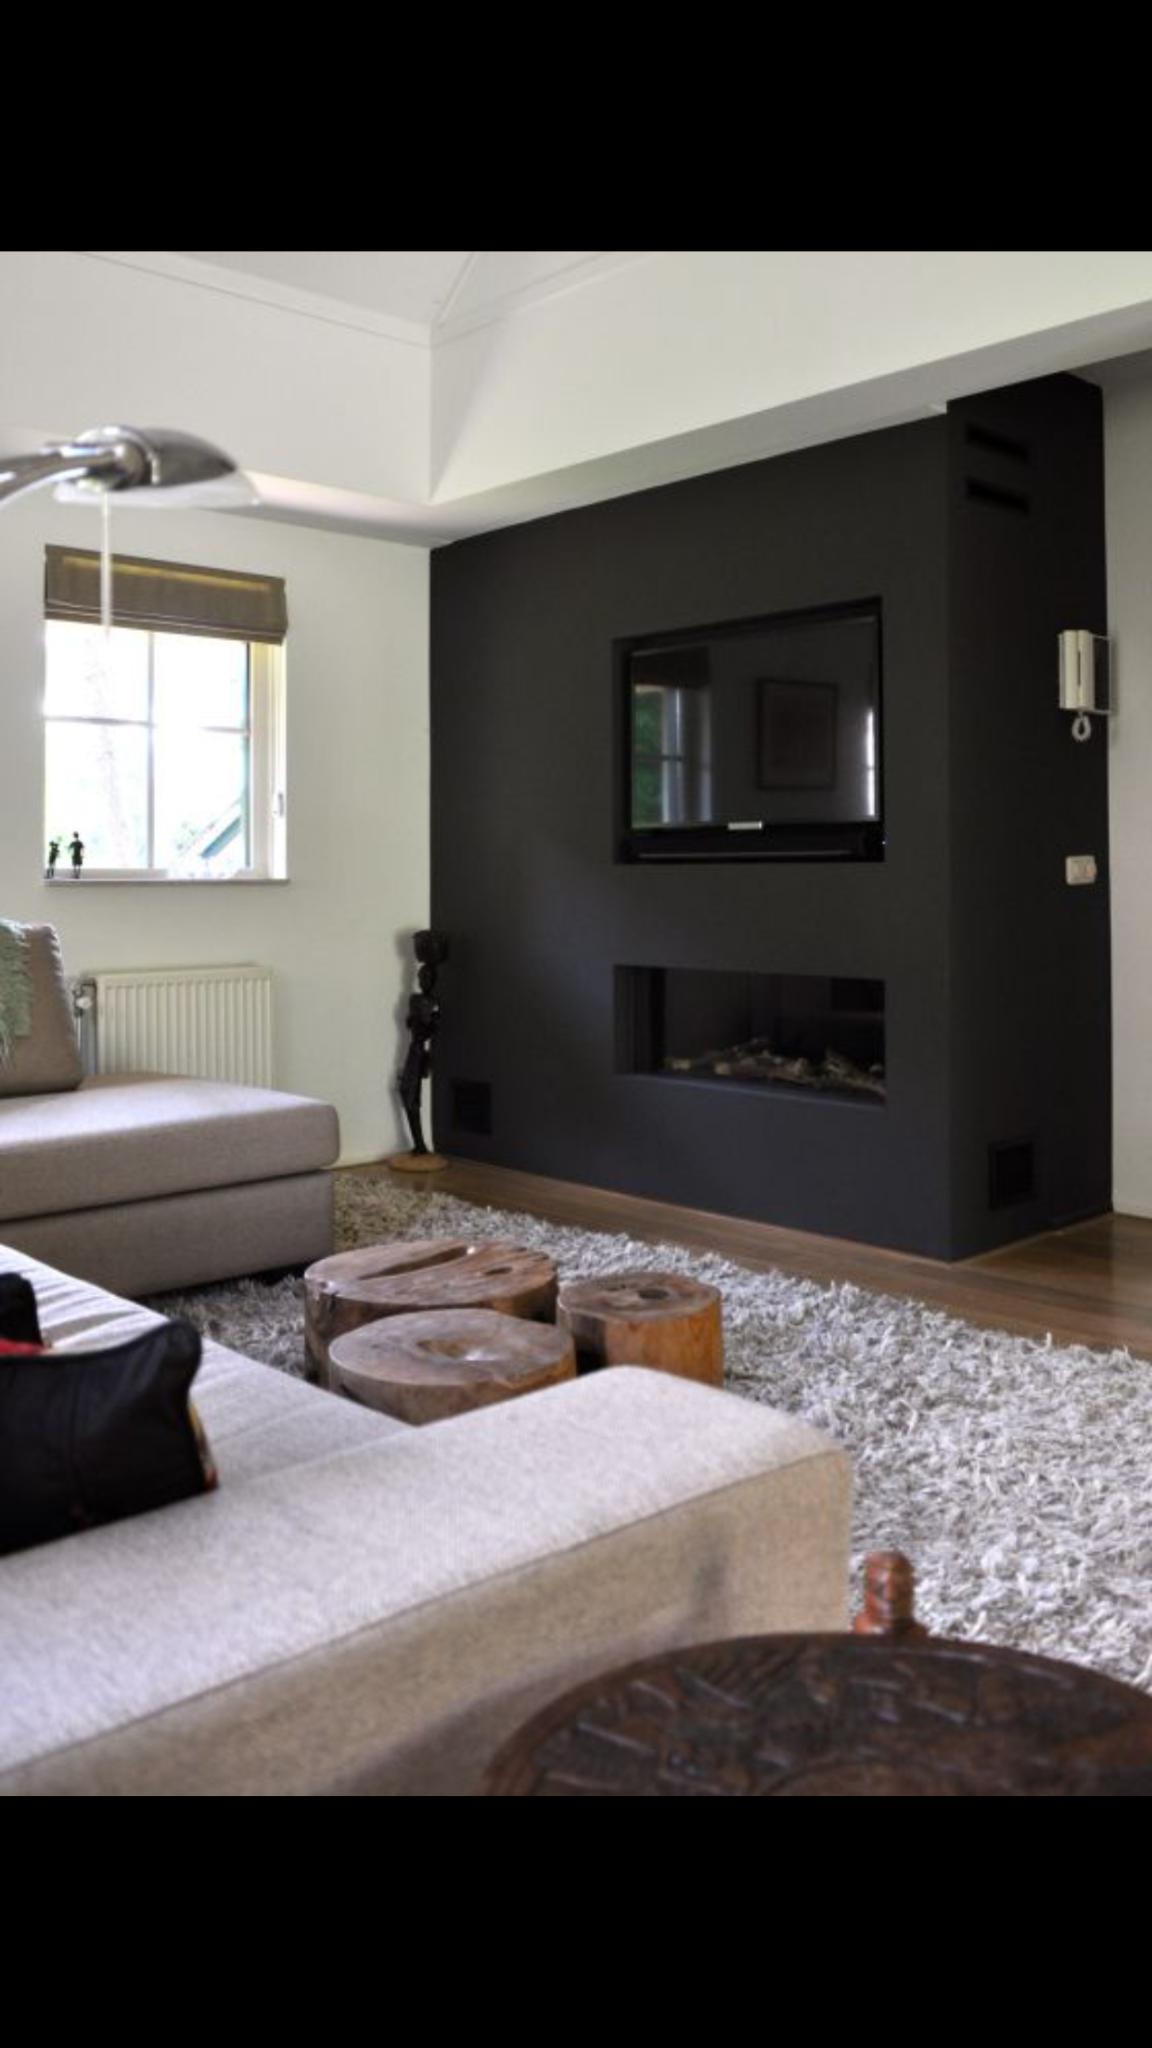 inbouw elektrische sfeerhaard en tv woonkamer